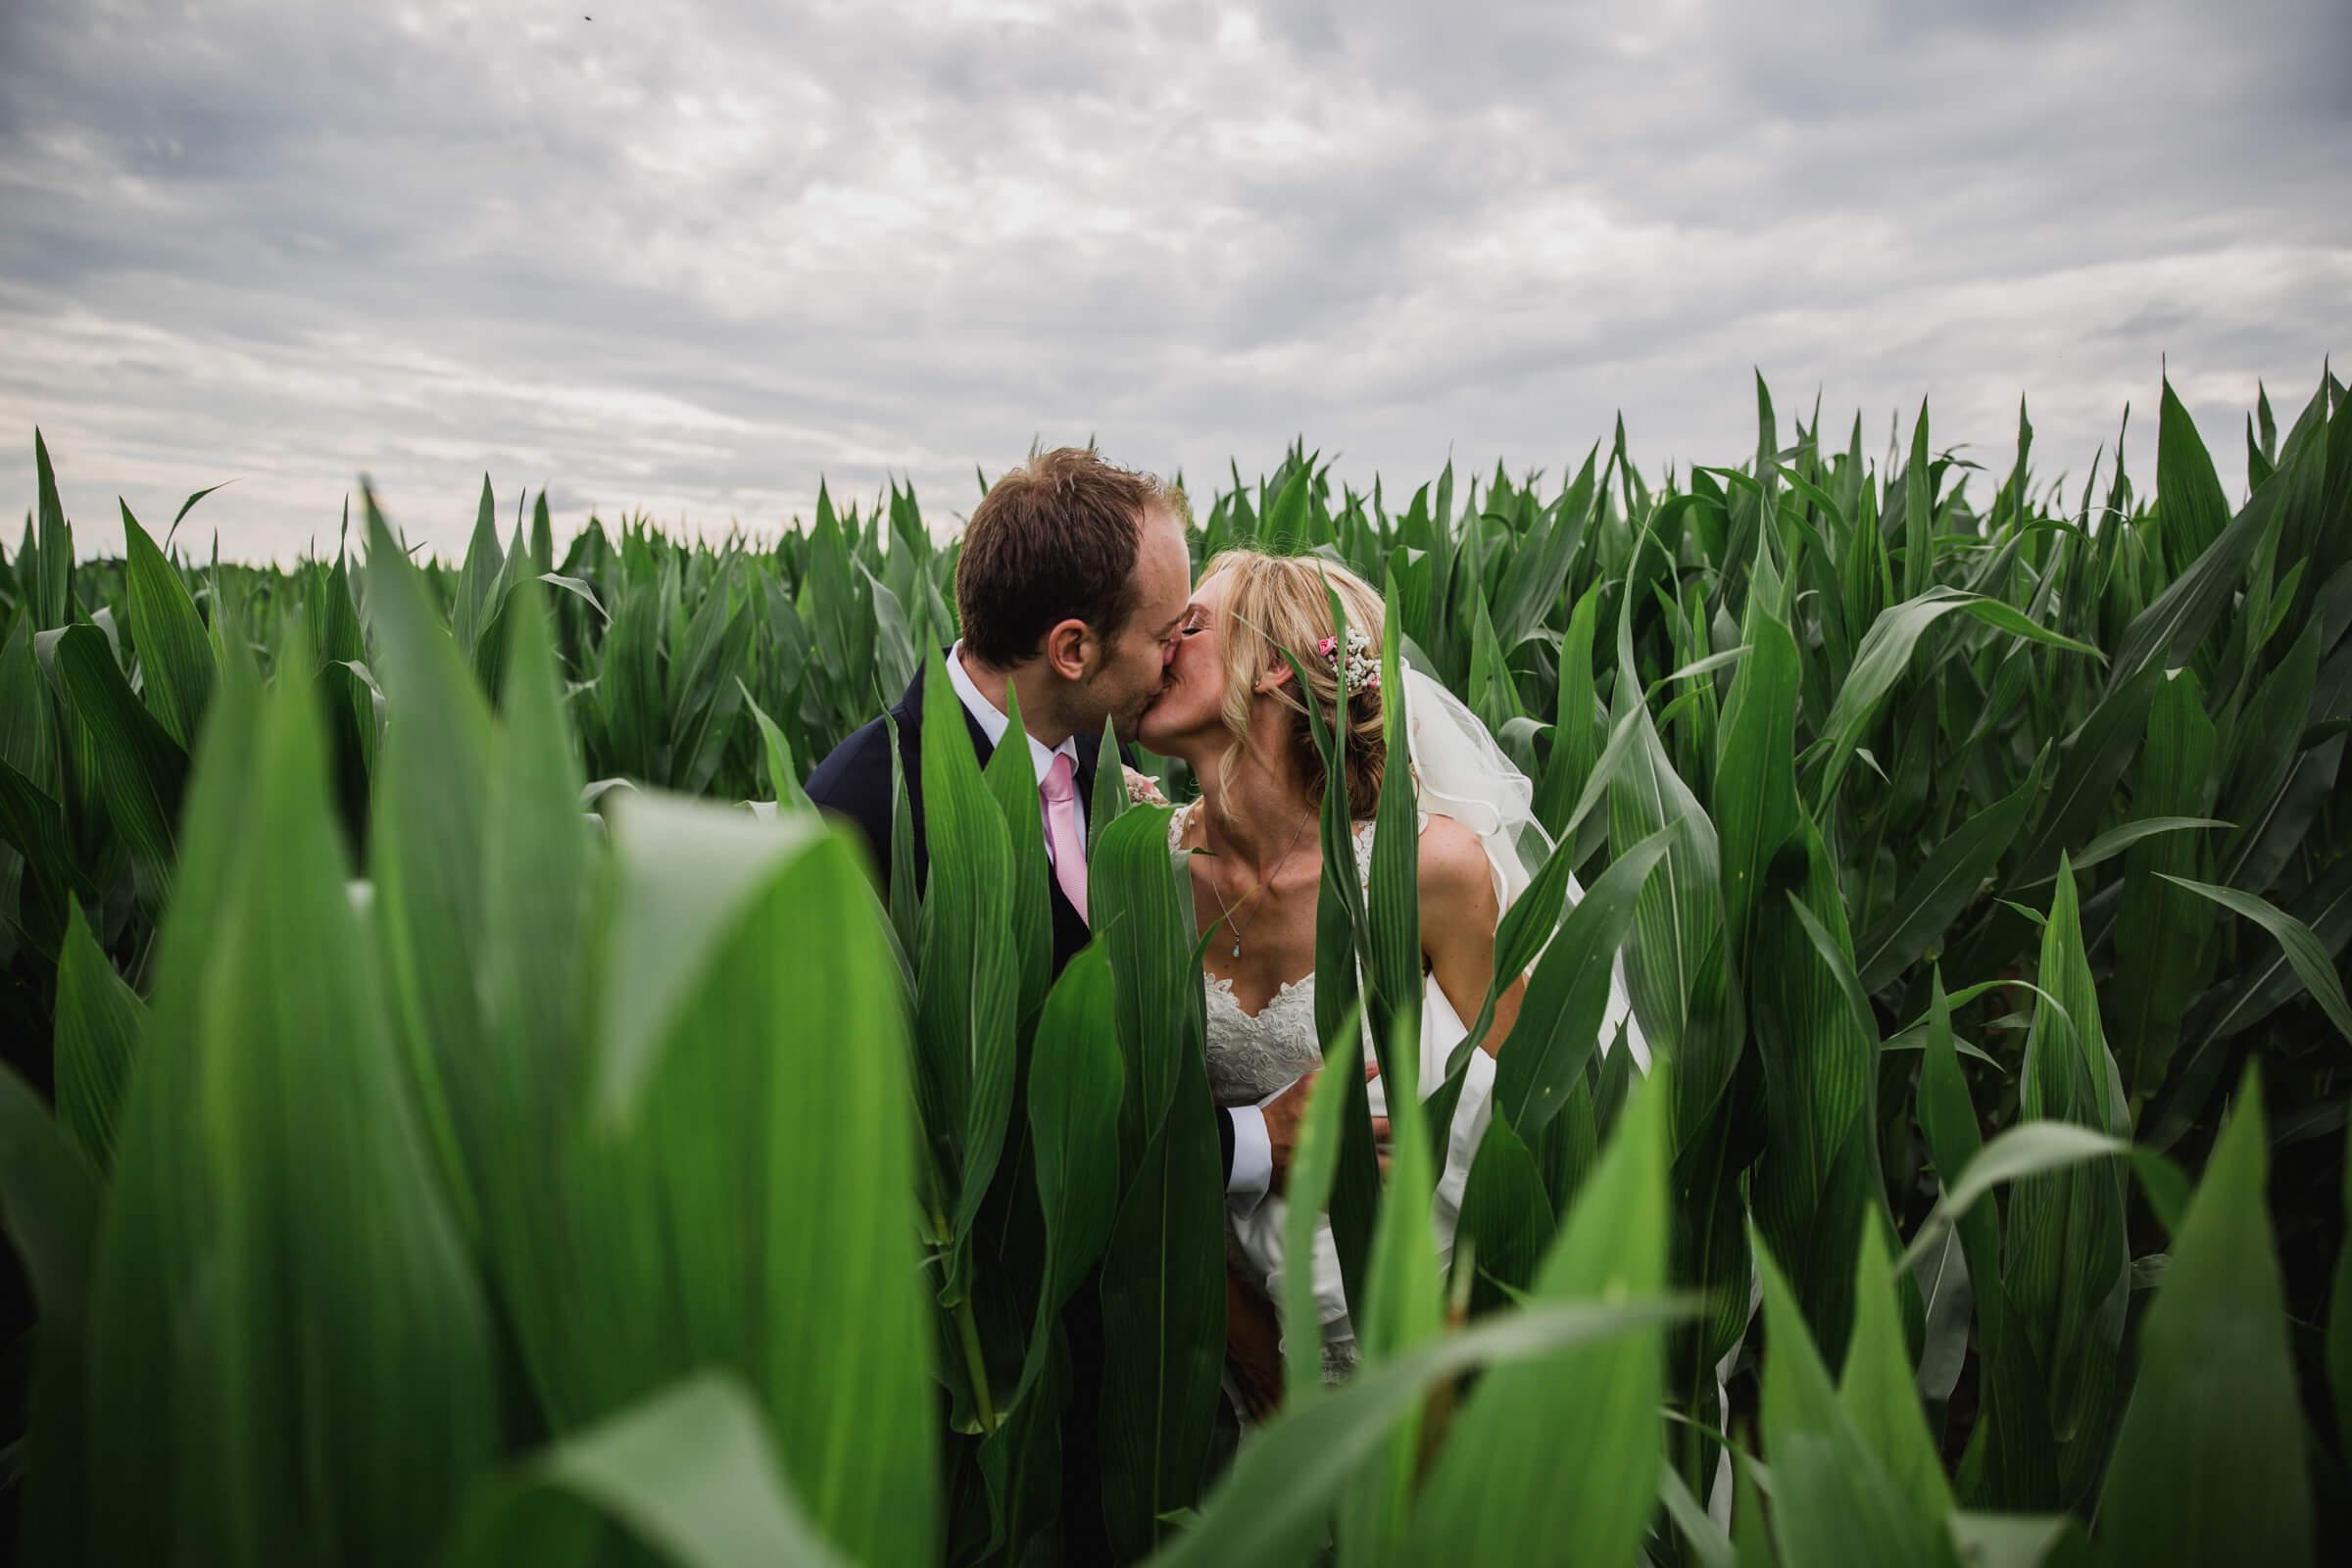 Manchester_Wedding_Photographer_018.jpeg